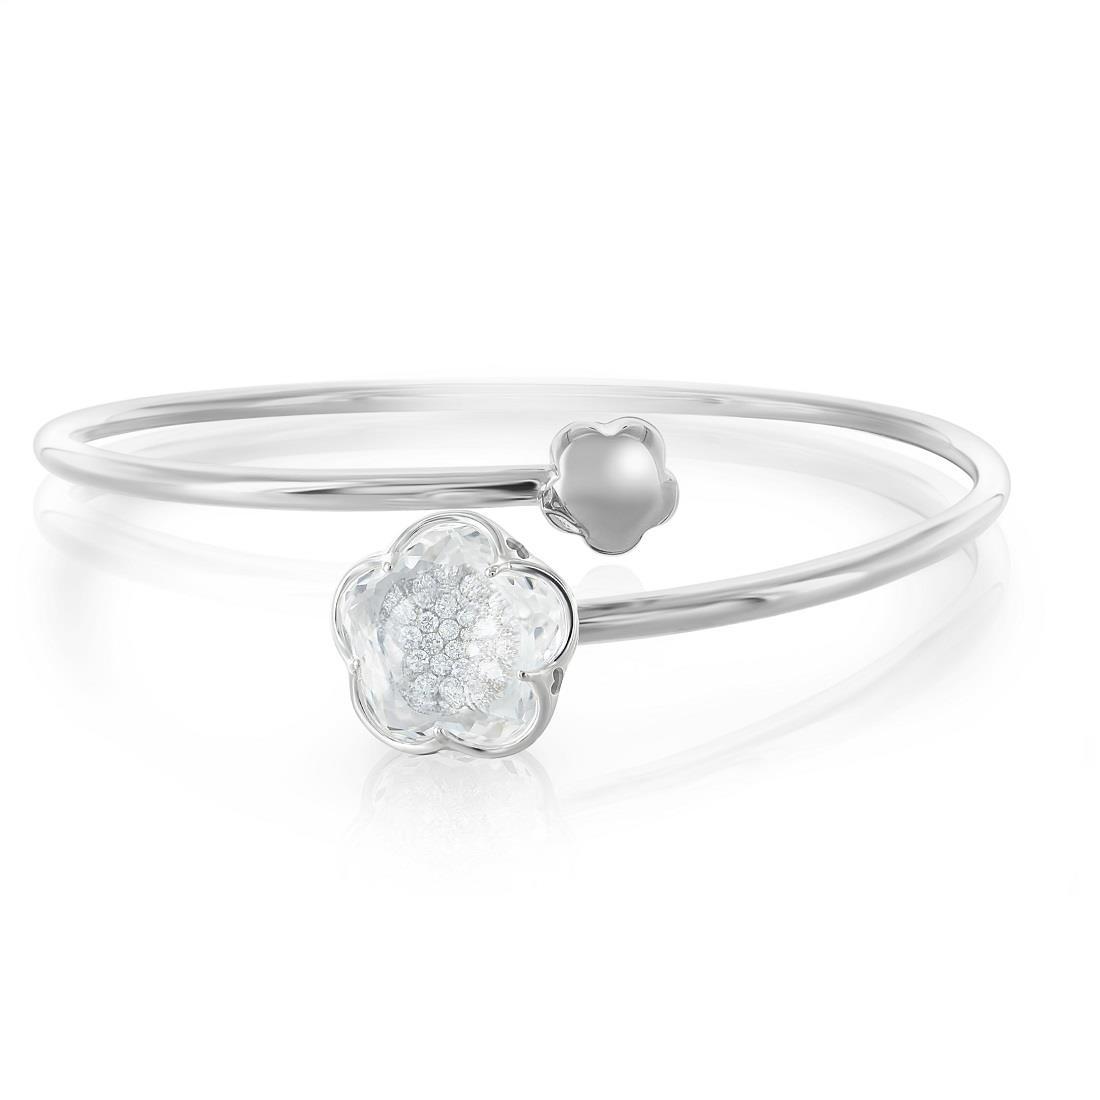 Bracciale con cristallo di rocca e diamanti - PASQUALE BRUNI